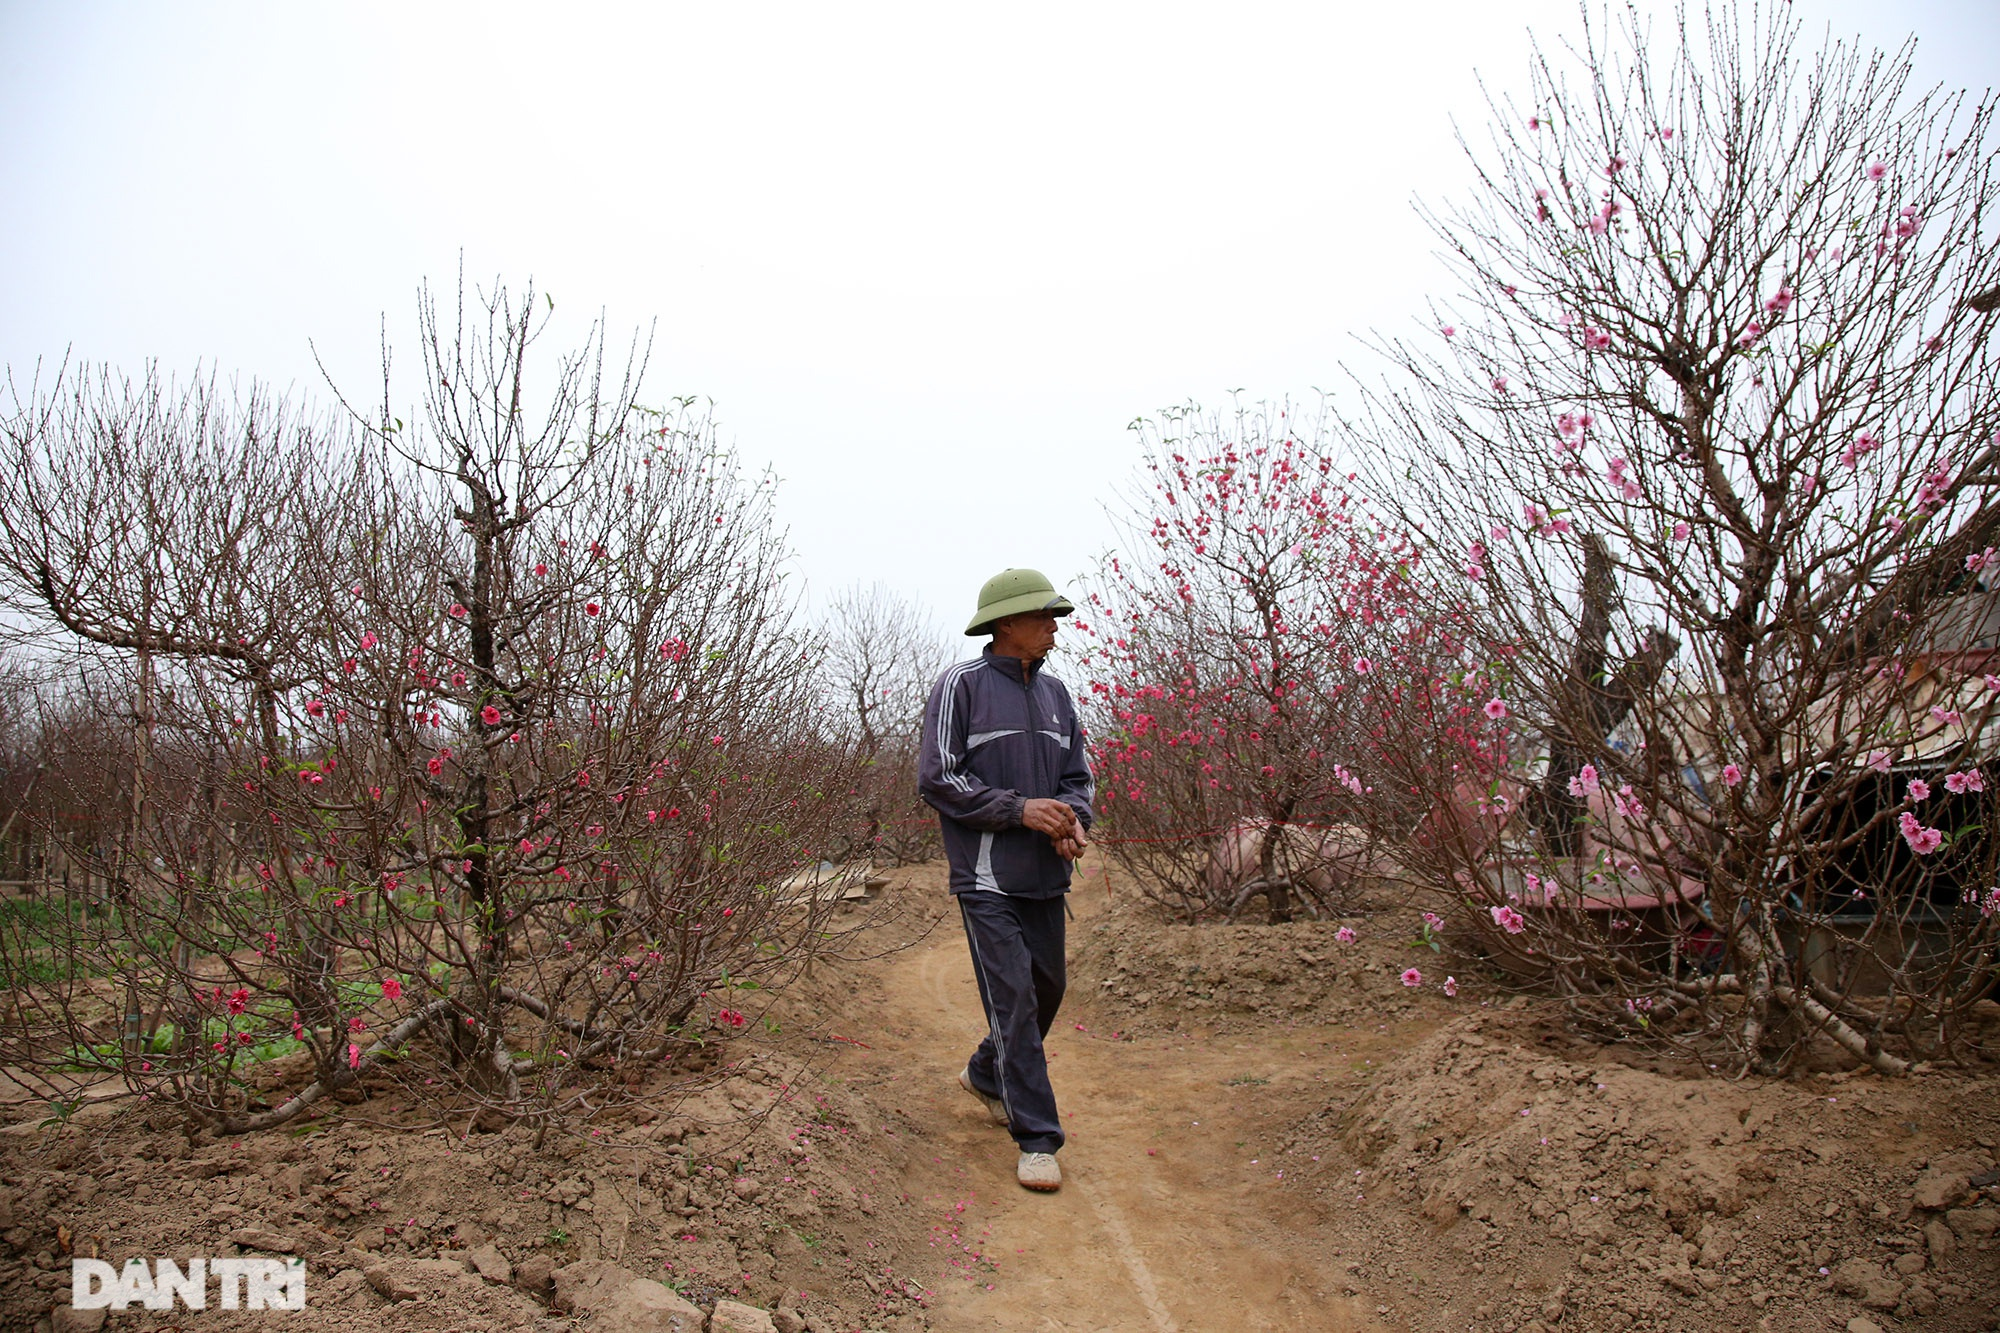 Hoa đào đỏ rực phủ kín cánh đồng Nhật Tân rộng bát ngát - 5